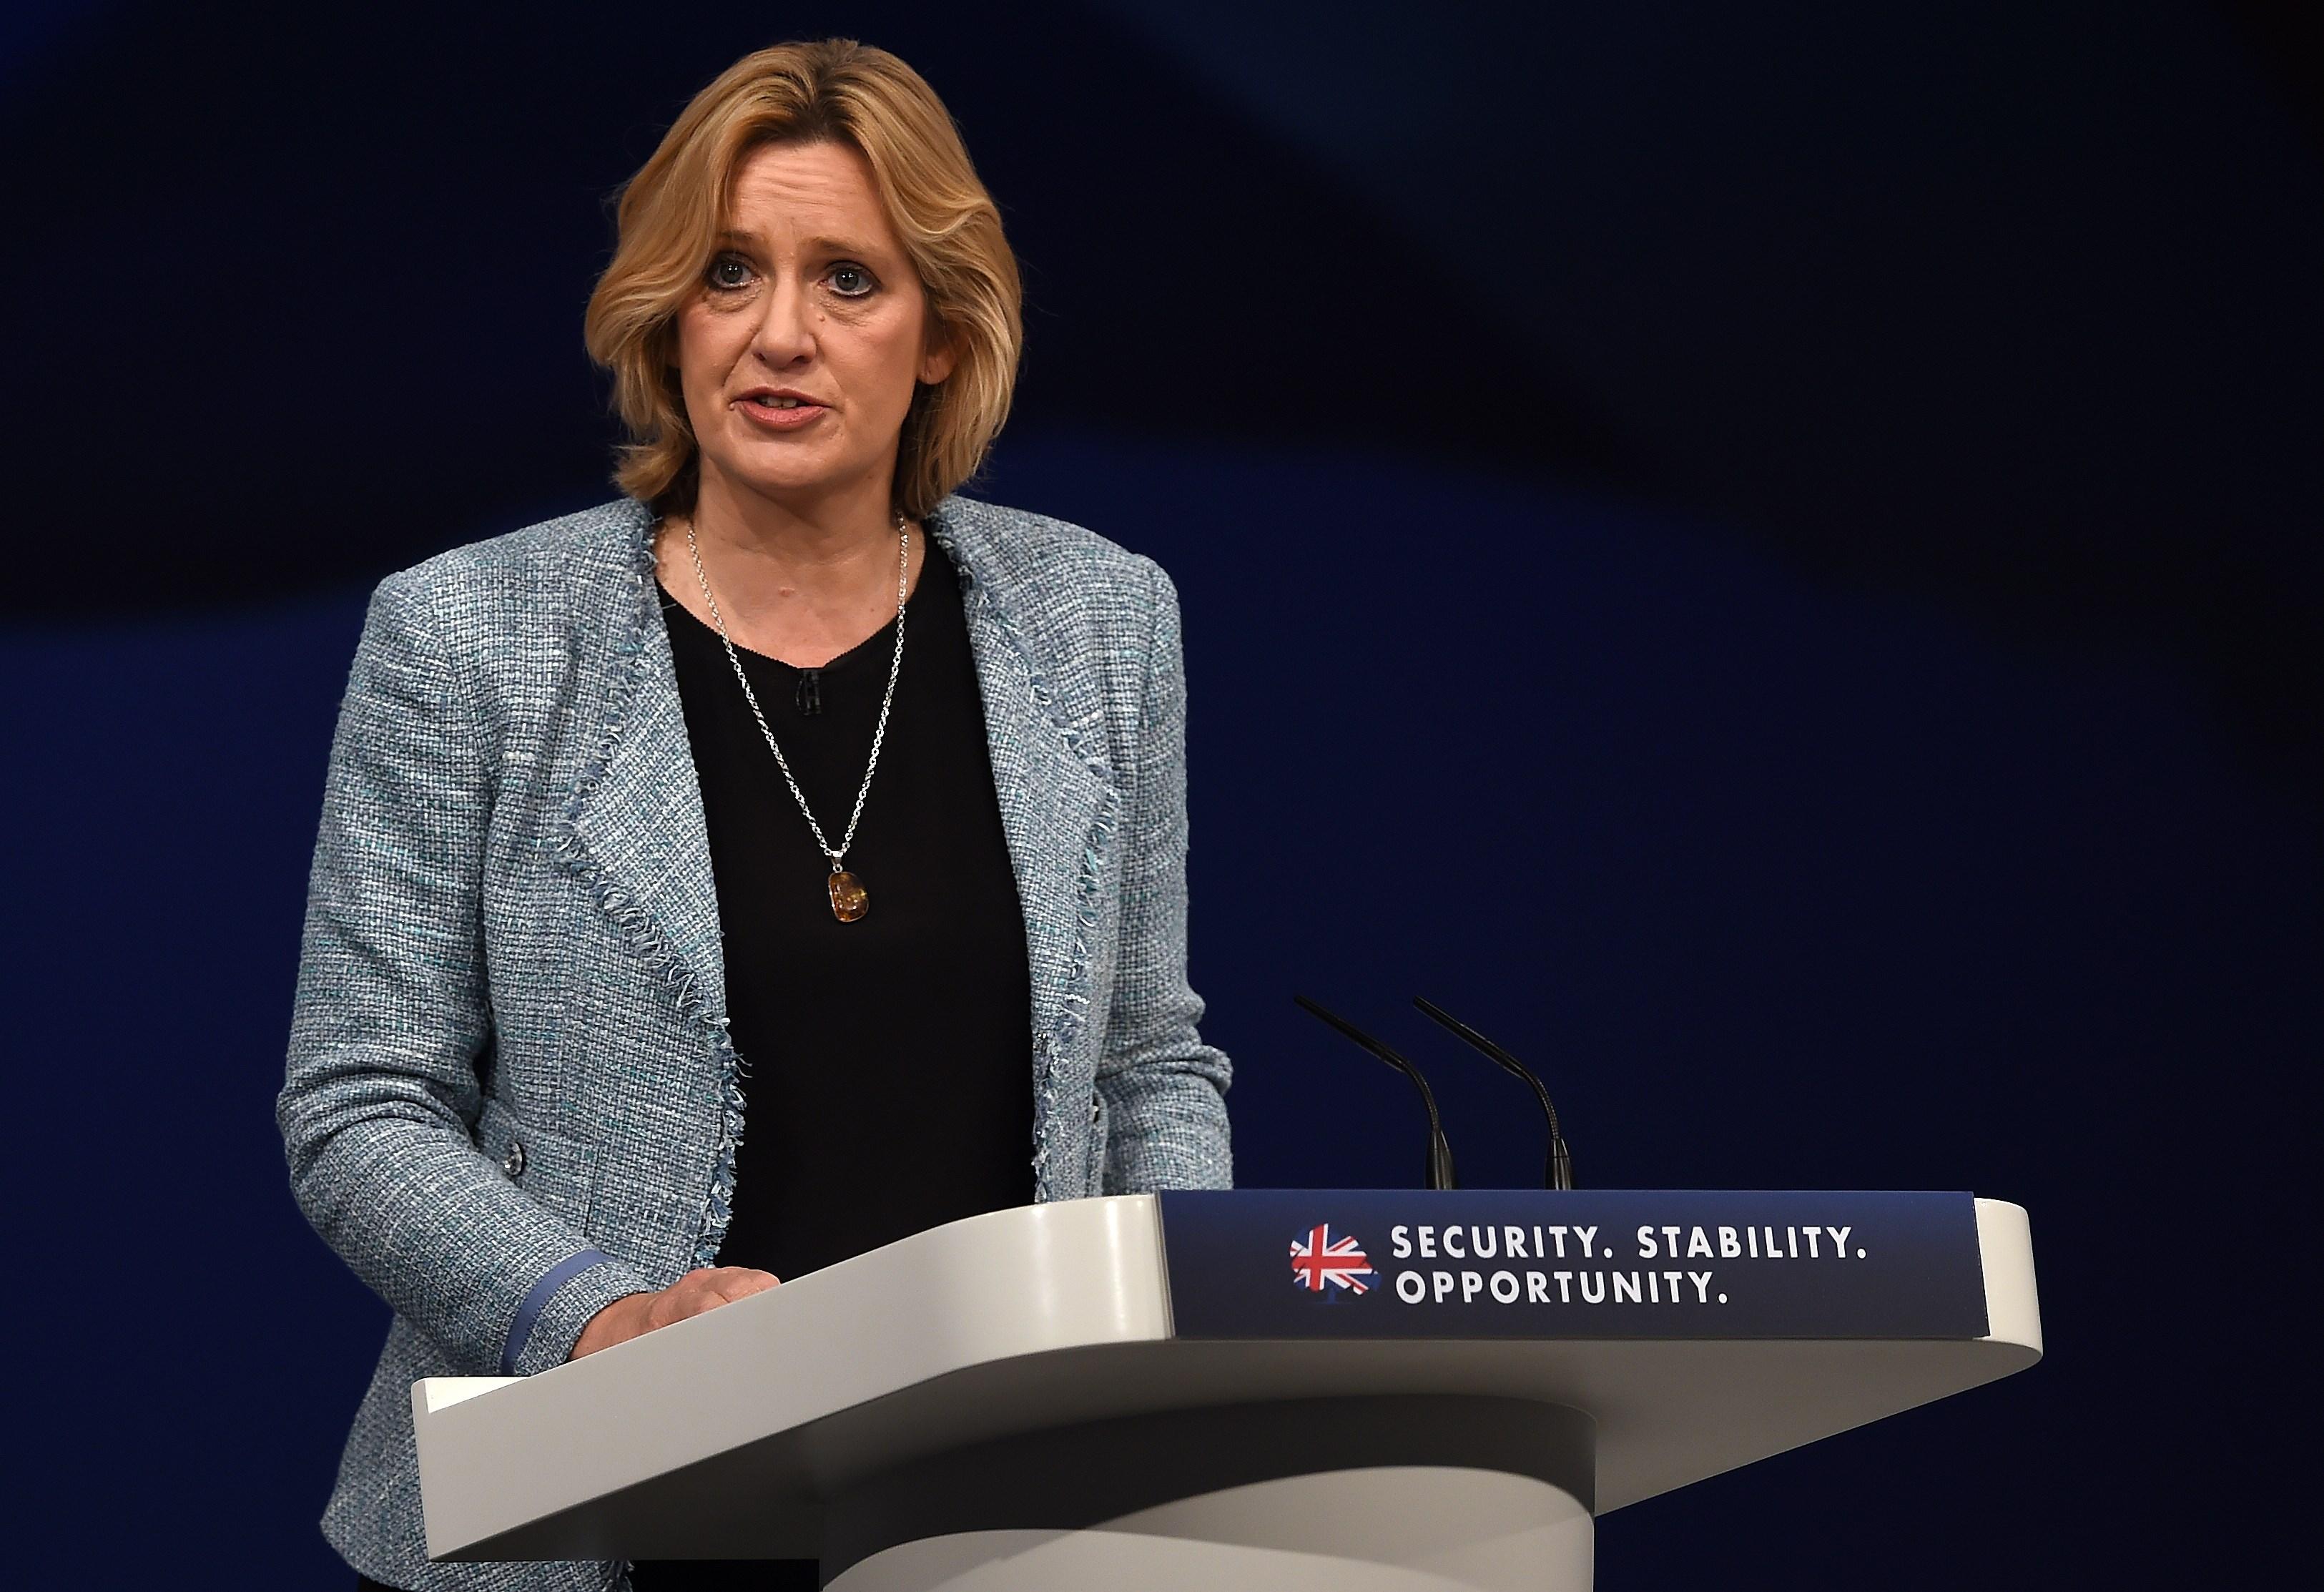 Noch vor EU-Austritt: Großbritannien will Zuwanderung begrenzen